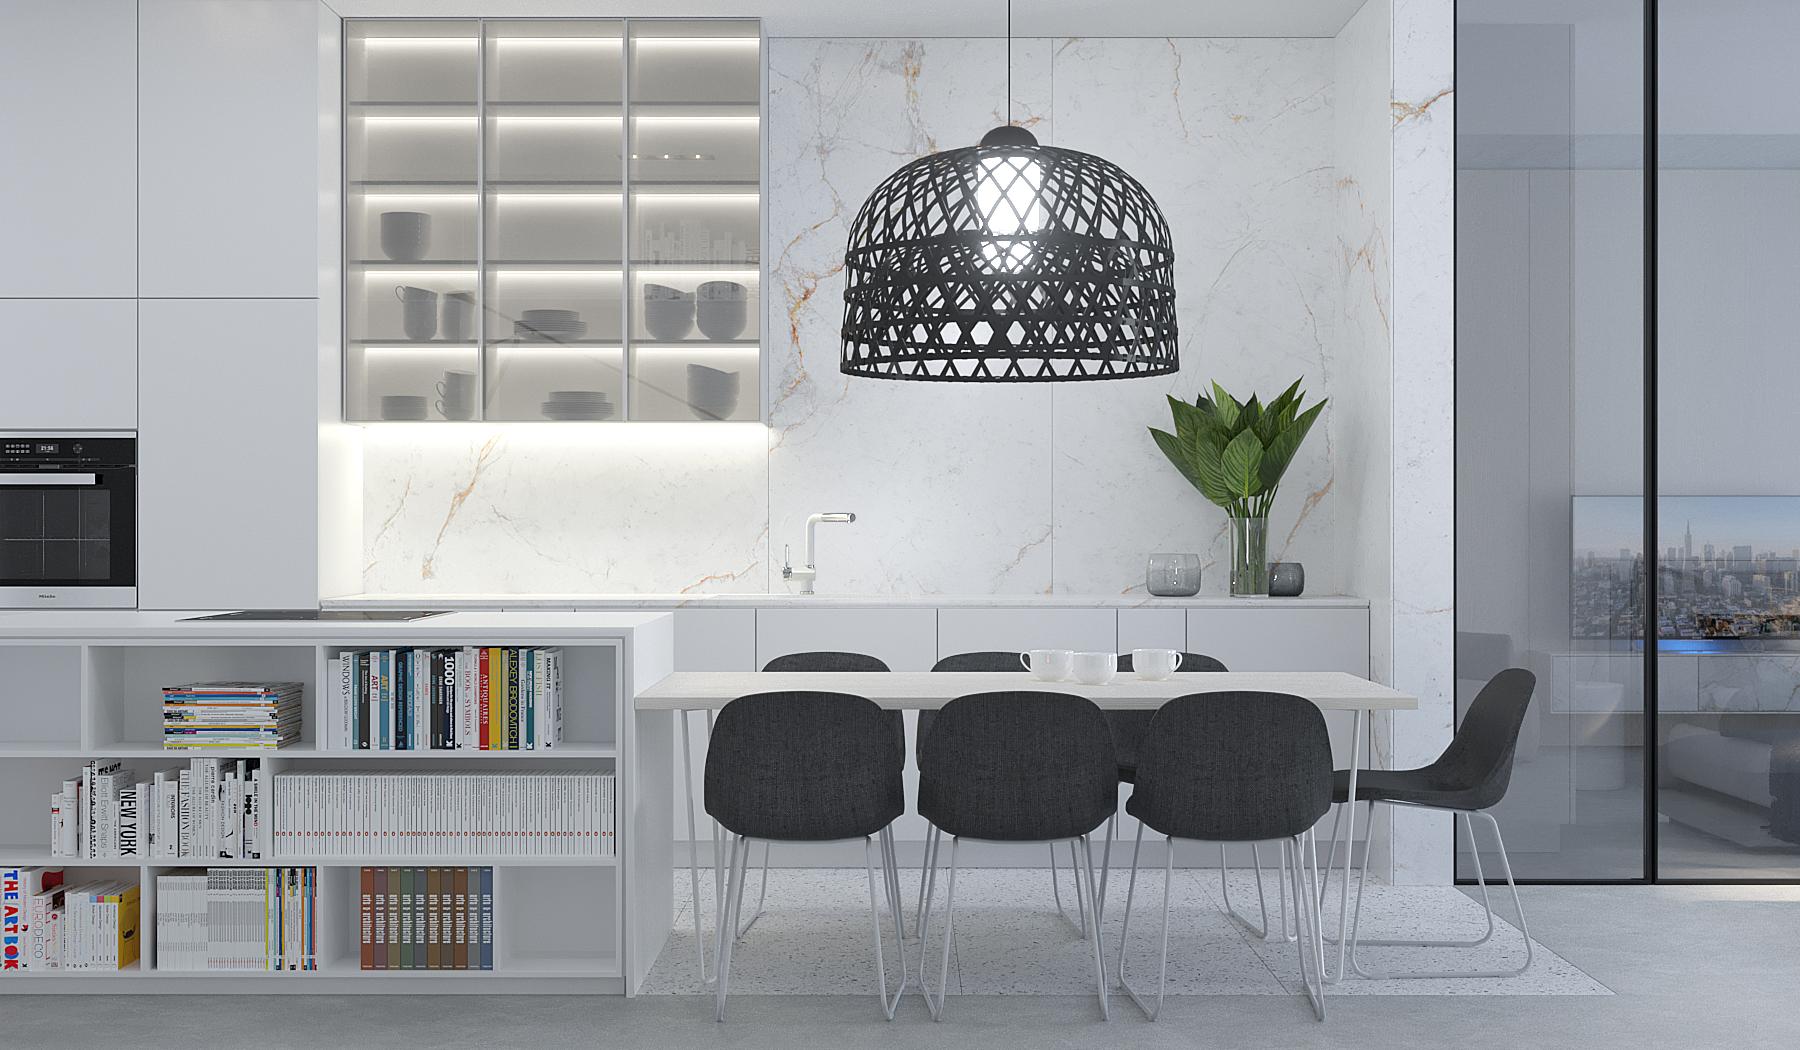 2 projektowanie wnetrz M245 mieszkanie krakow biala kuchnia stol z wyspa czarna azurowa lampa szare krzesla